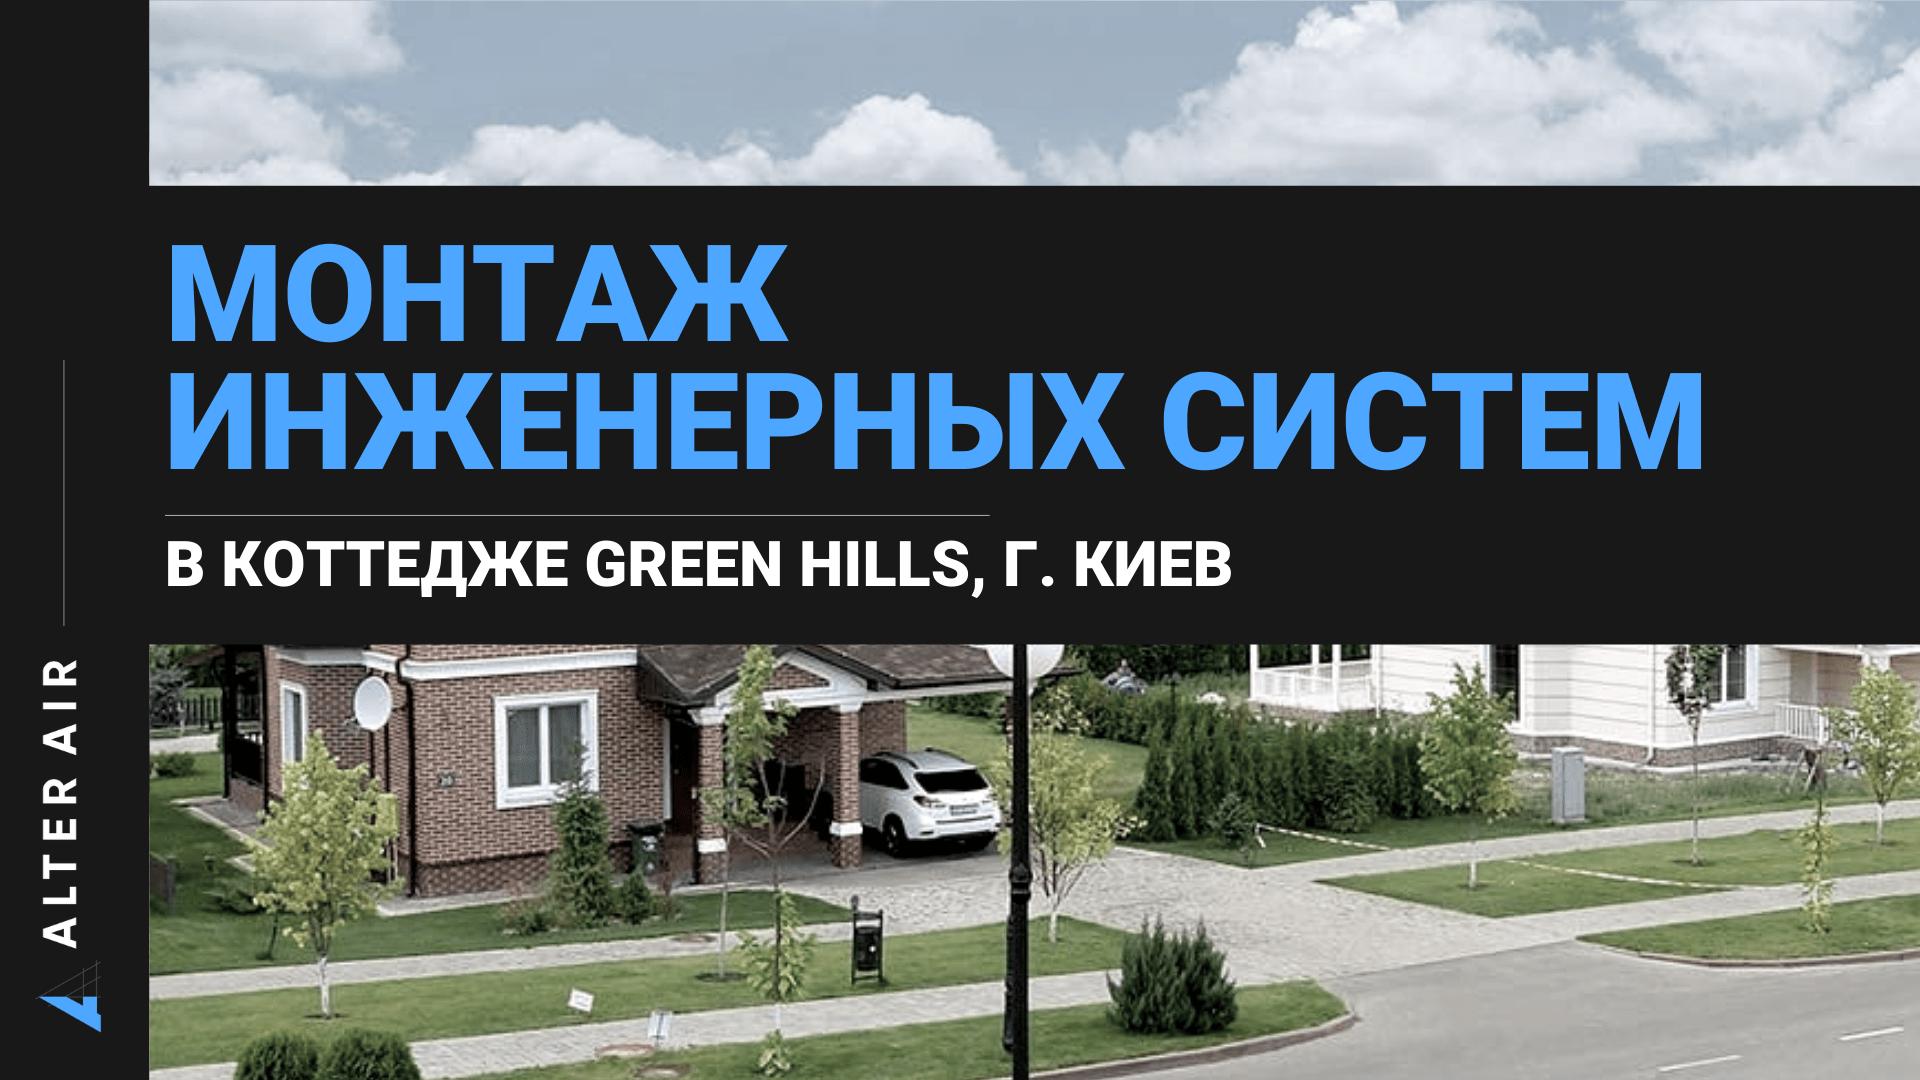 Відео з обєкту (Green Hills, п. Віта Поштова, Київська обл.)